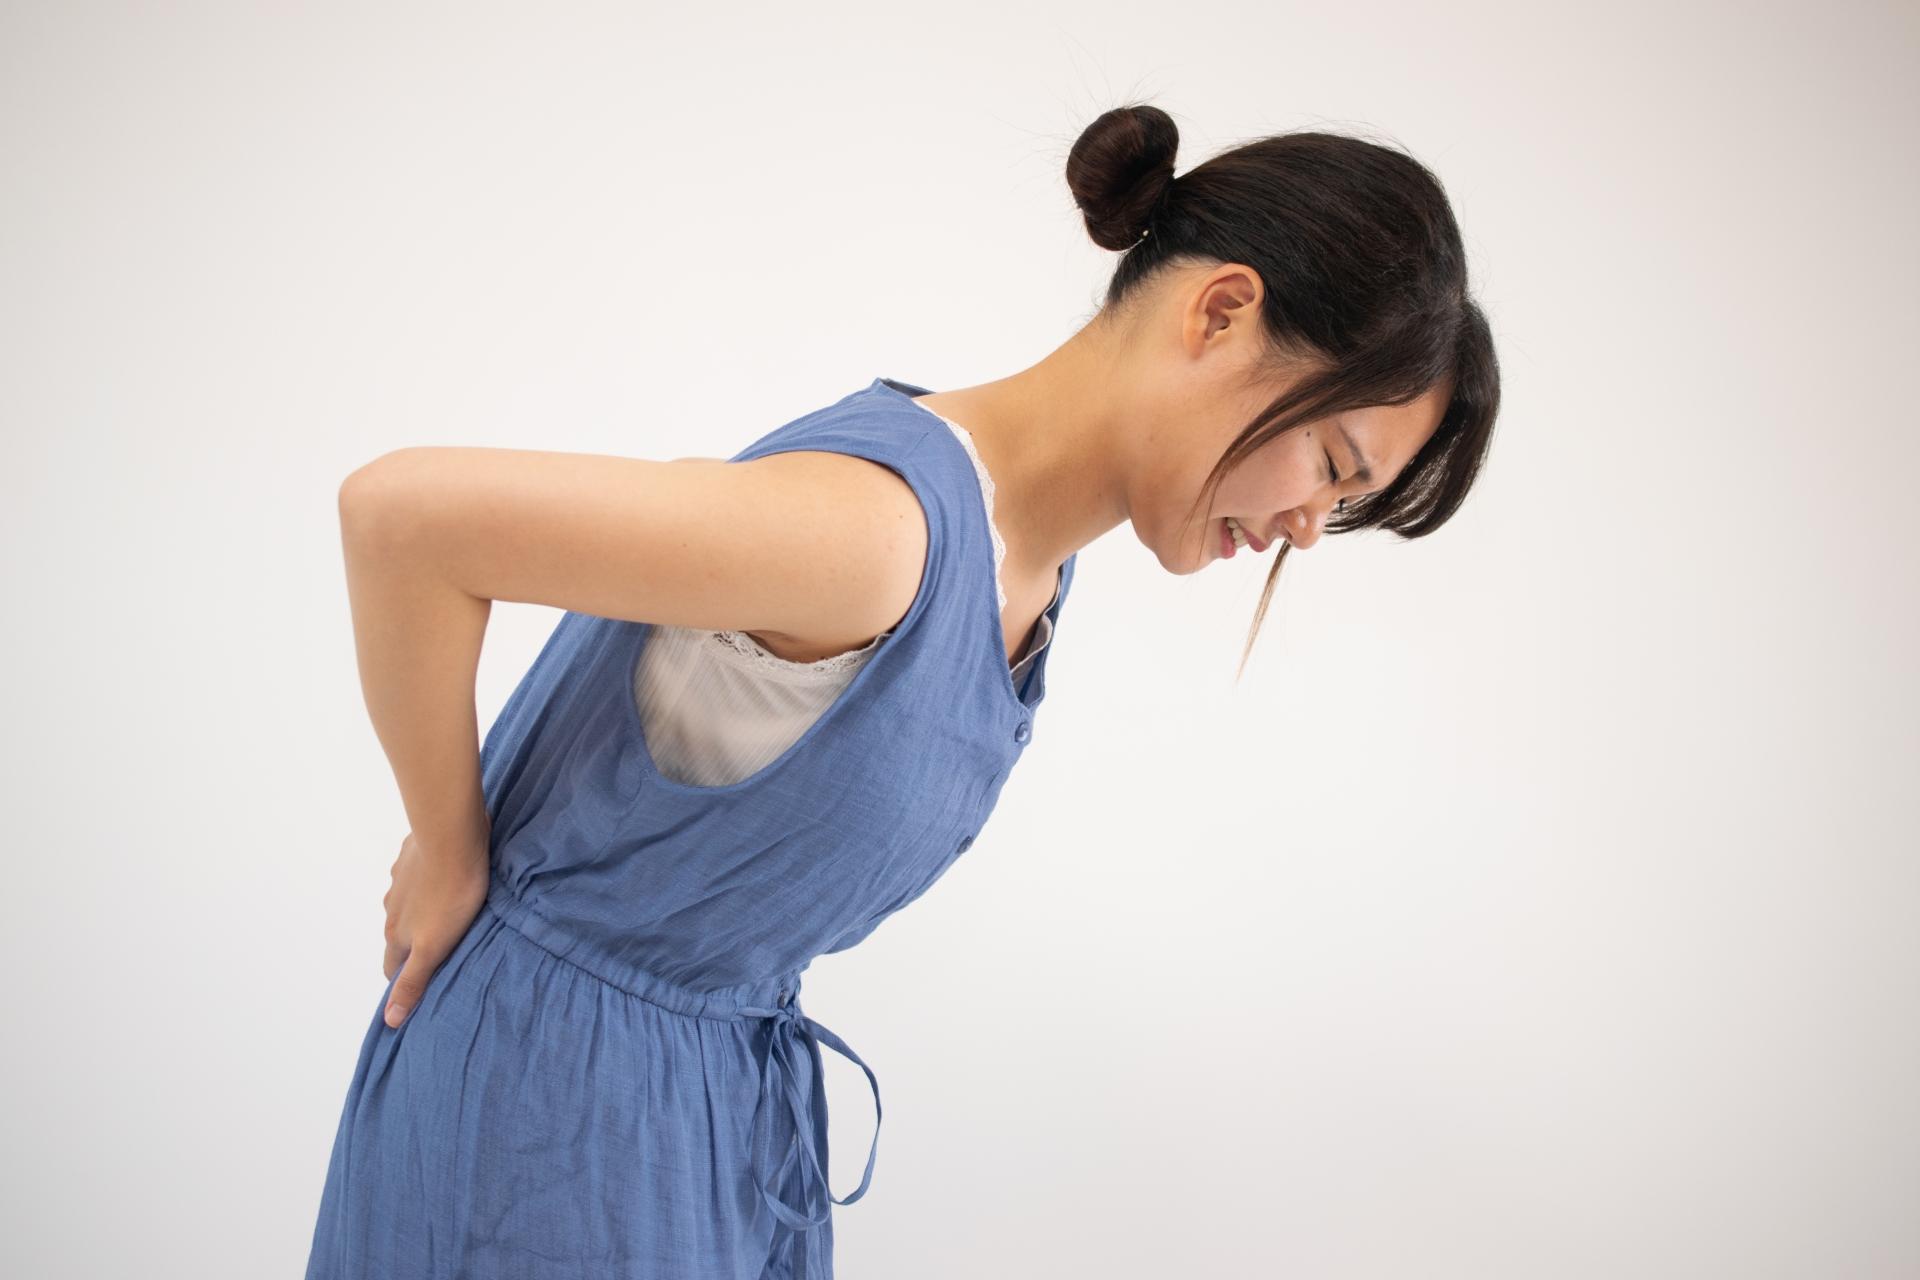 ストレスが慢性的な腰痛の原因になる? 対処法はあるの?